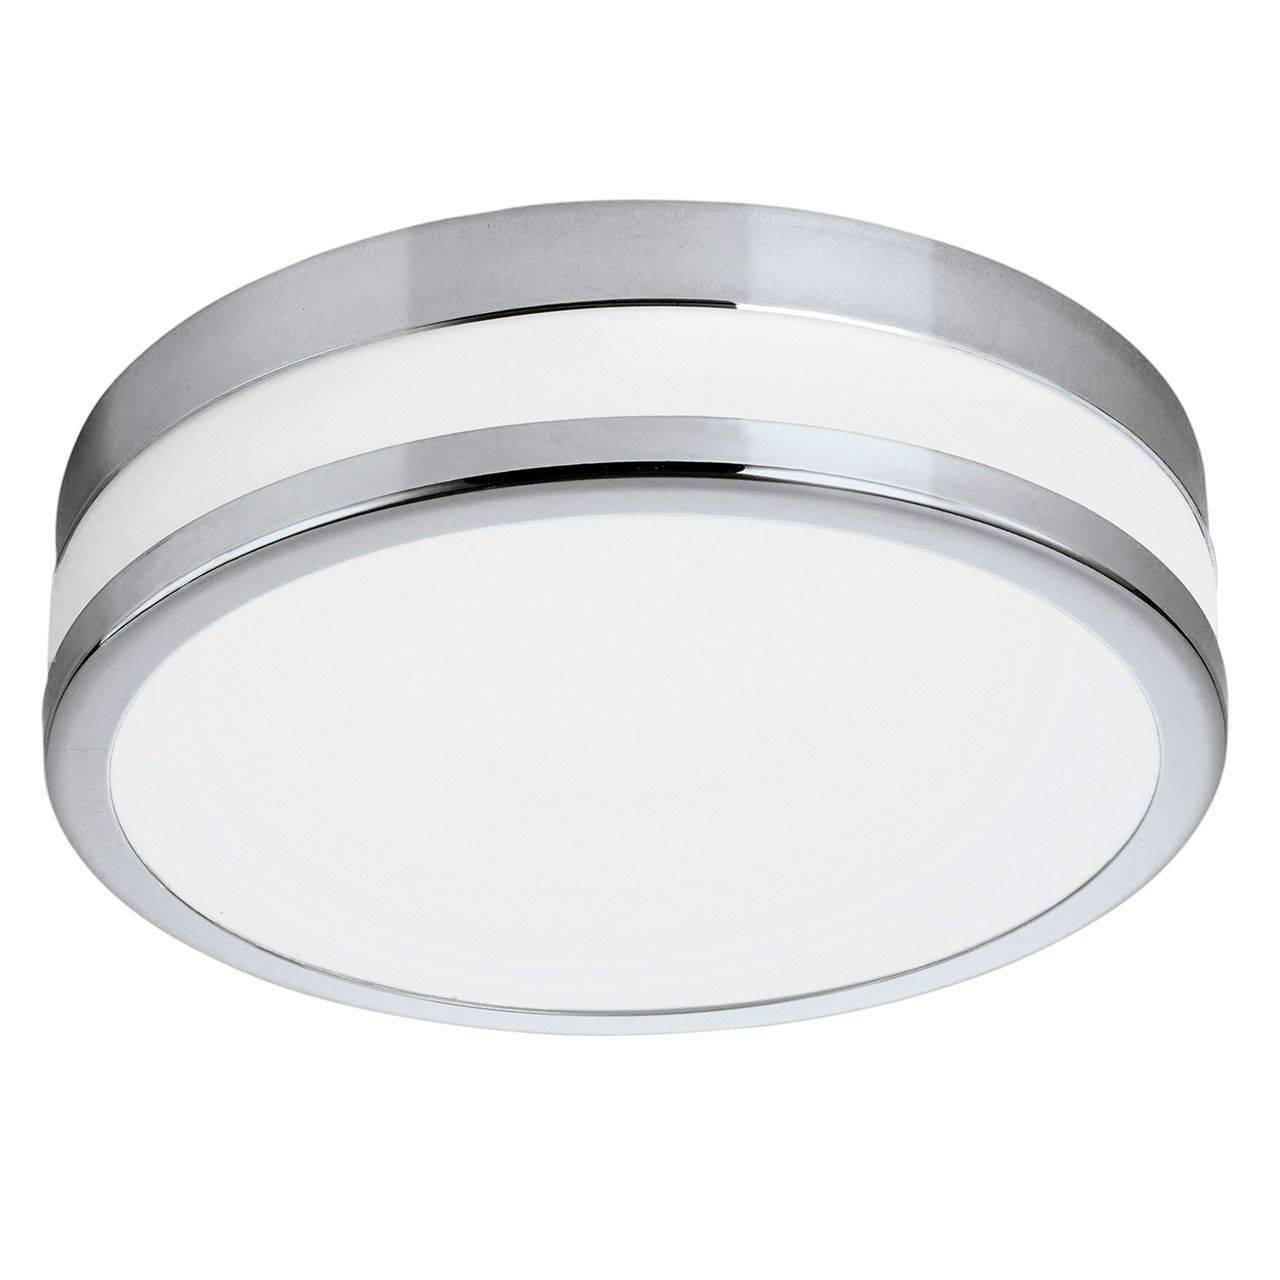 Потолочный светодиодный светильник Eglo Led Palermo 94999